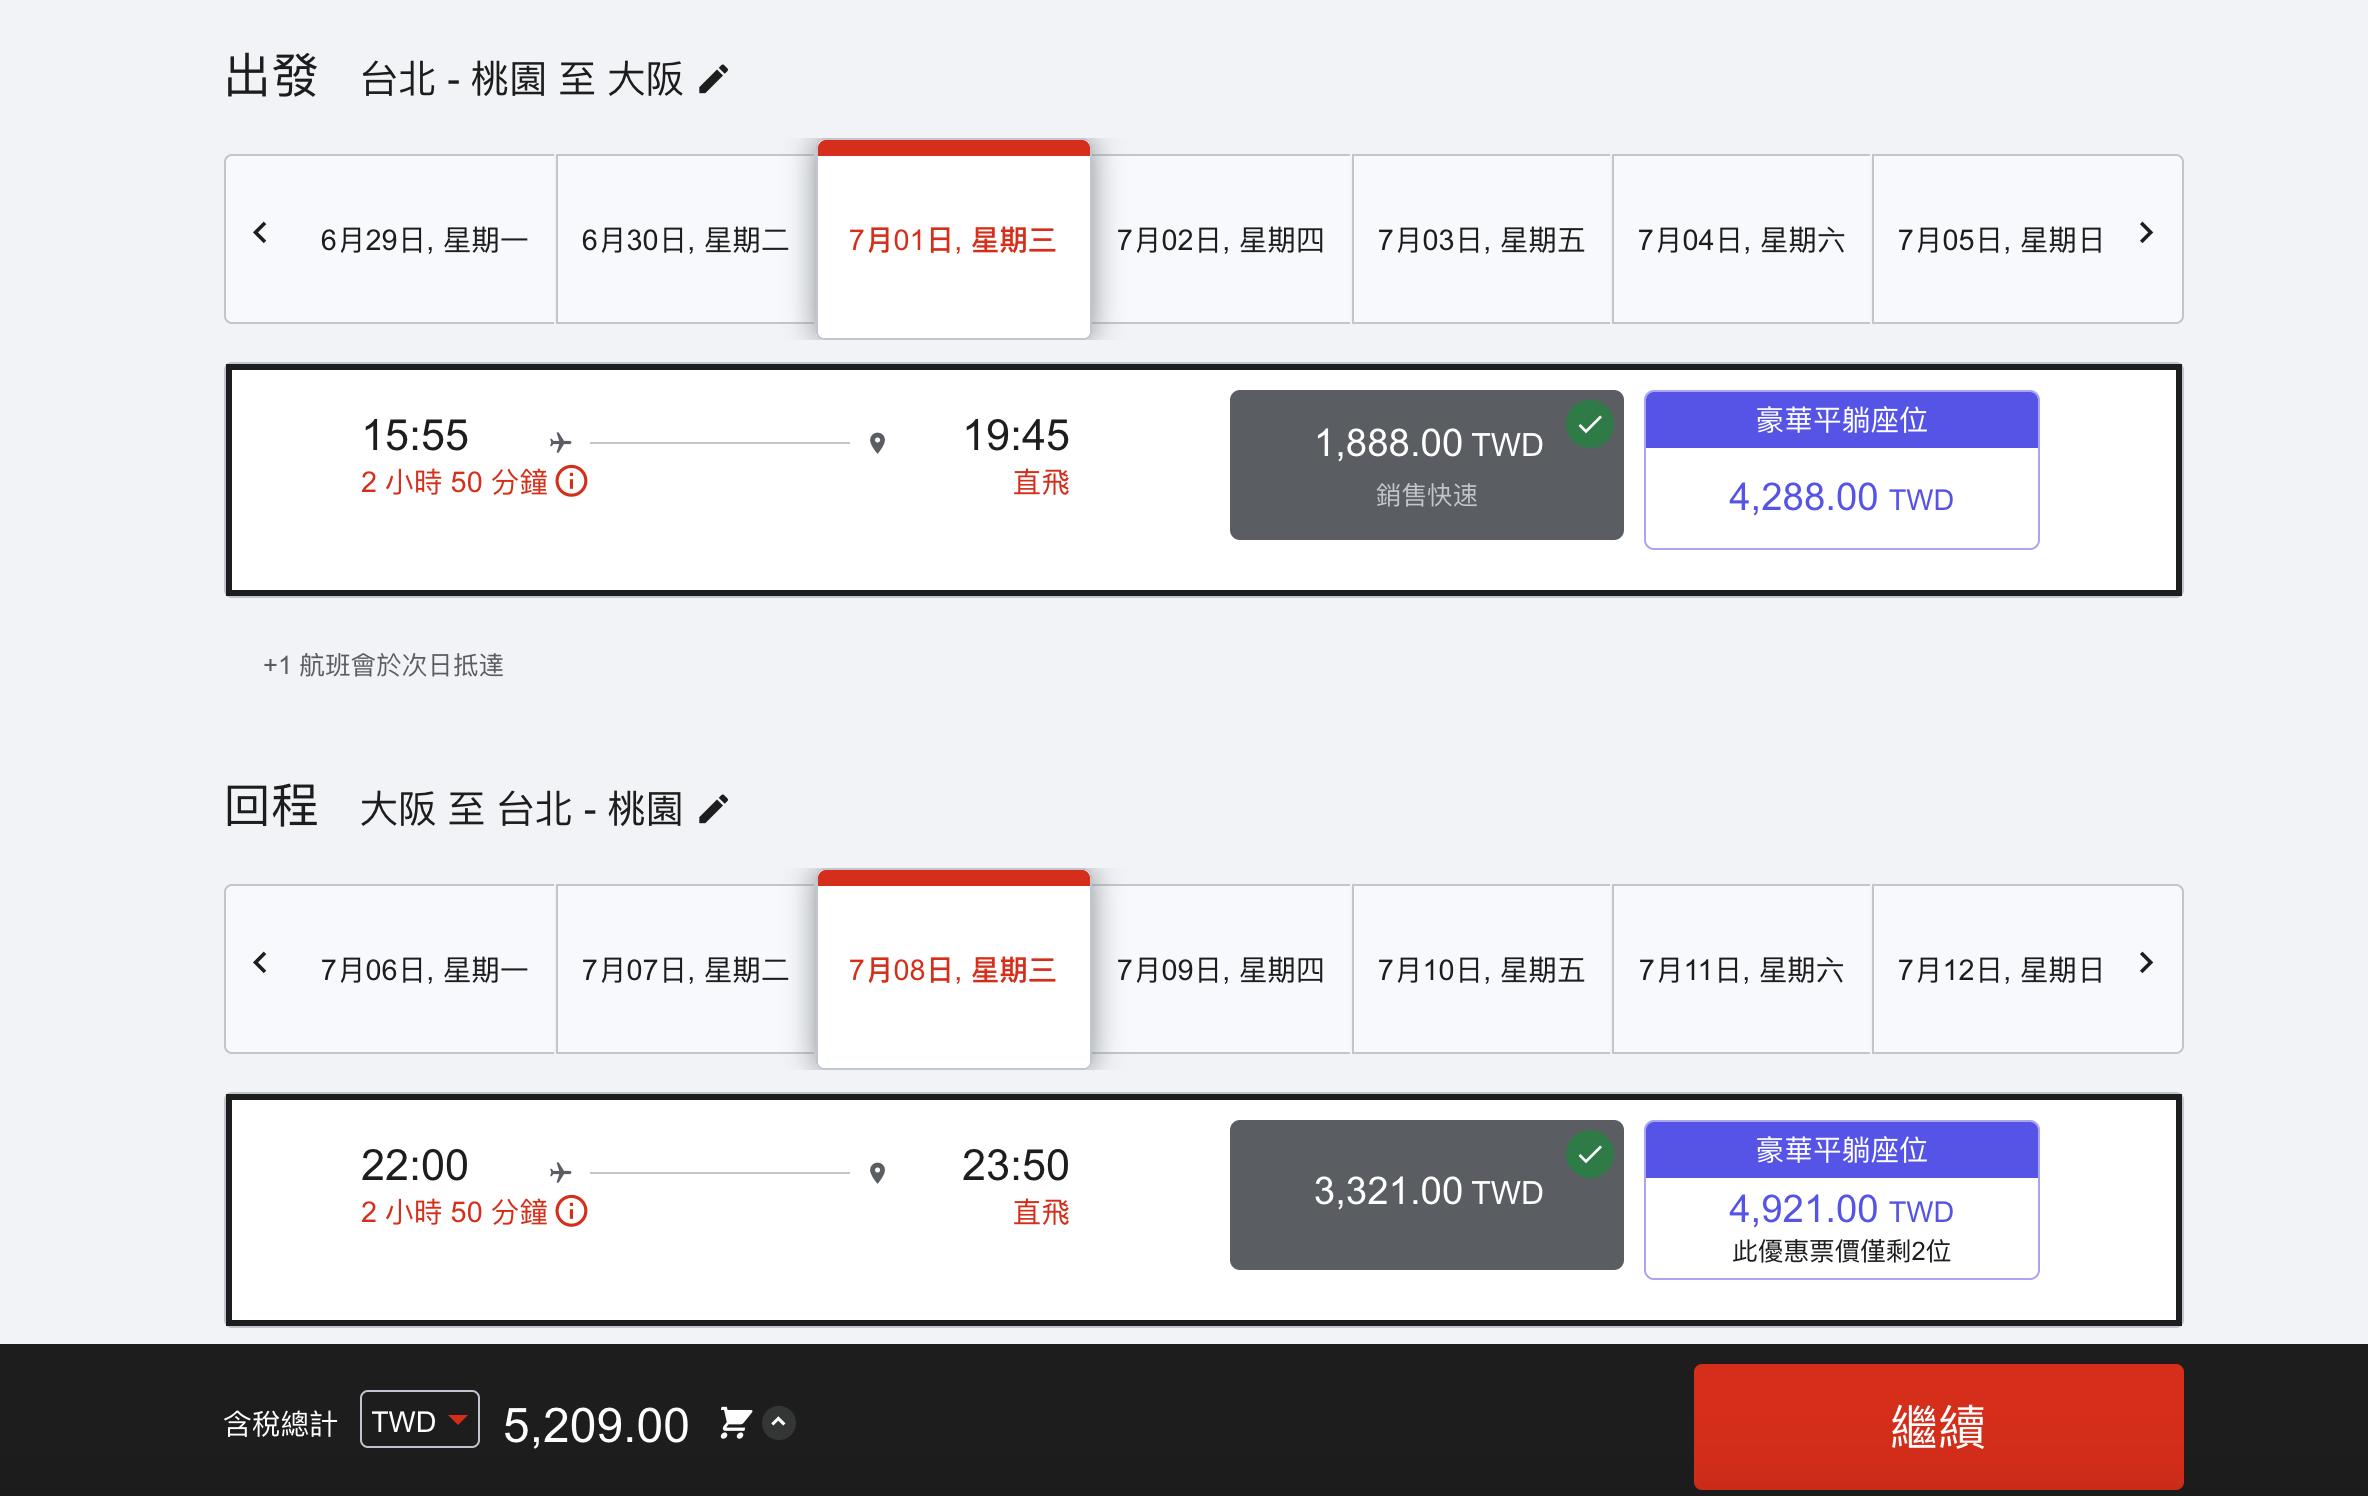 亞航BIG會員促銷,可以買到明年9月初的票~全航線促銷單程最低1288元喔(查票:108.6.16)